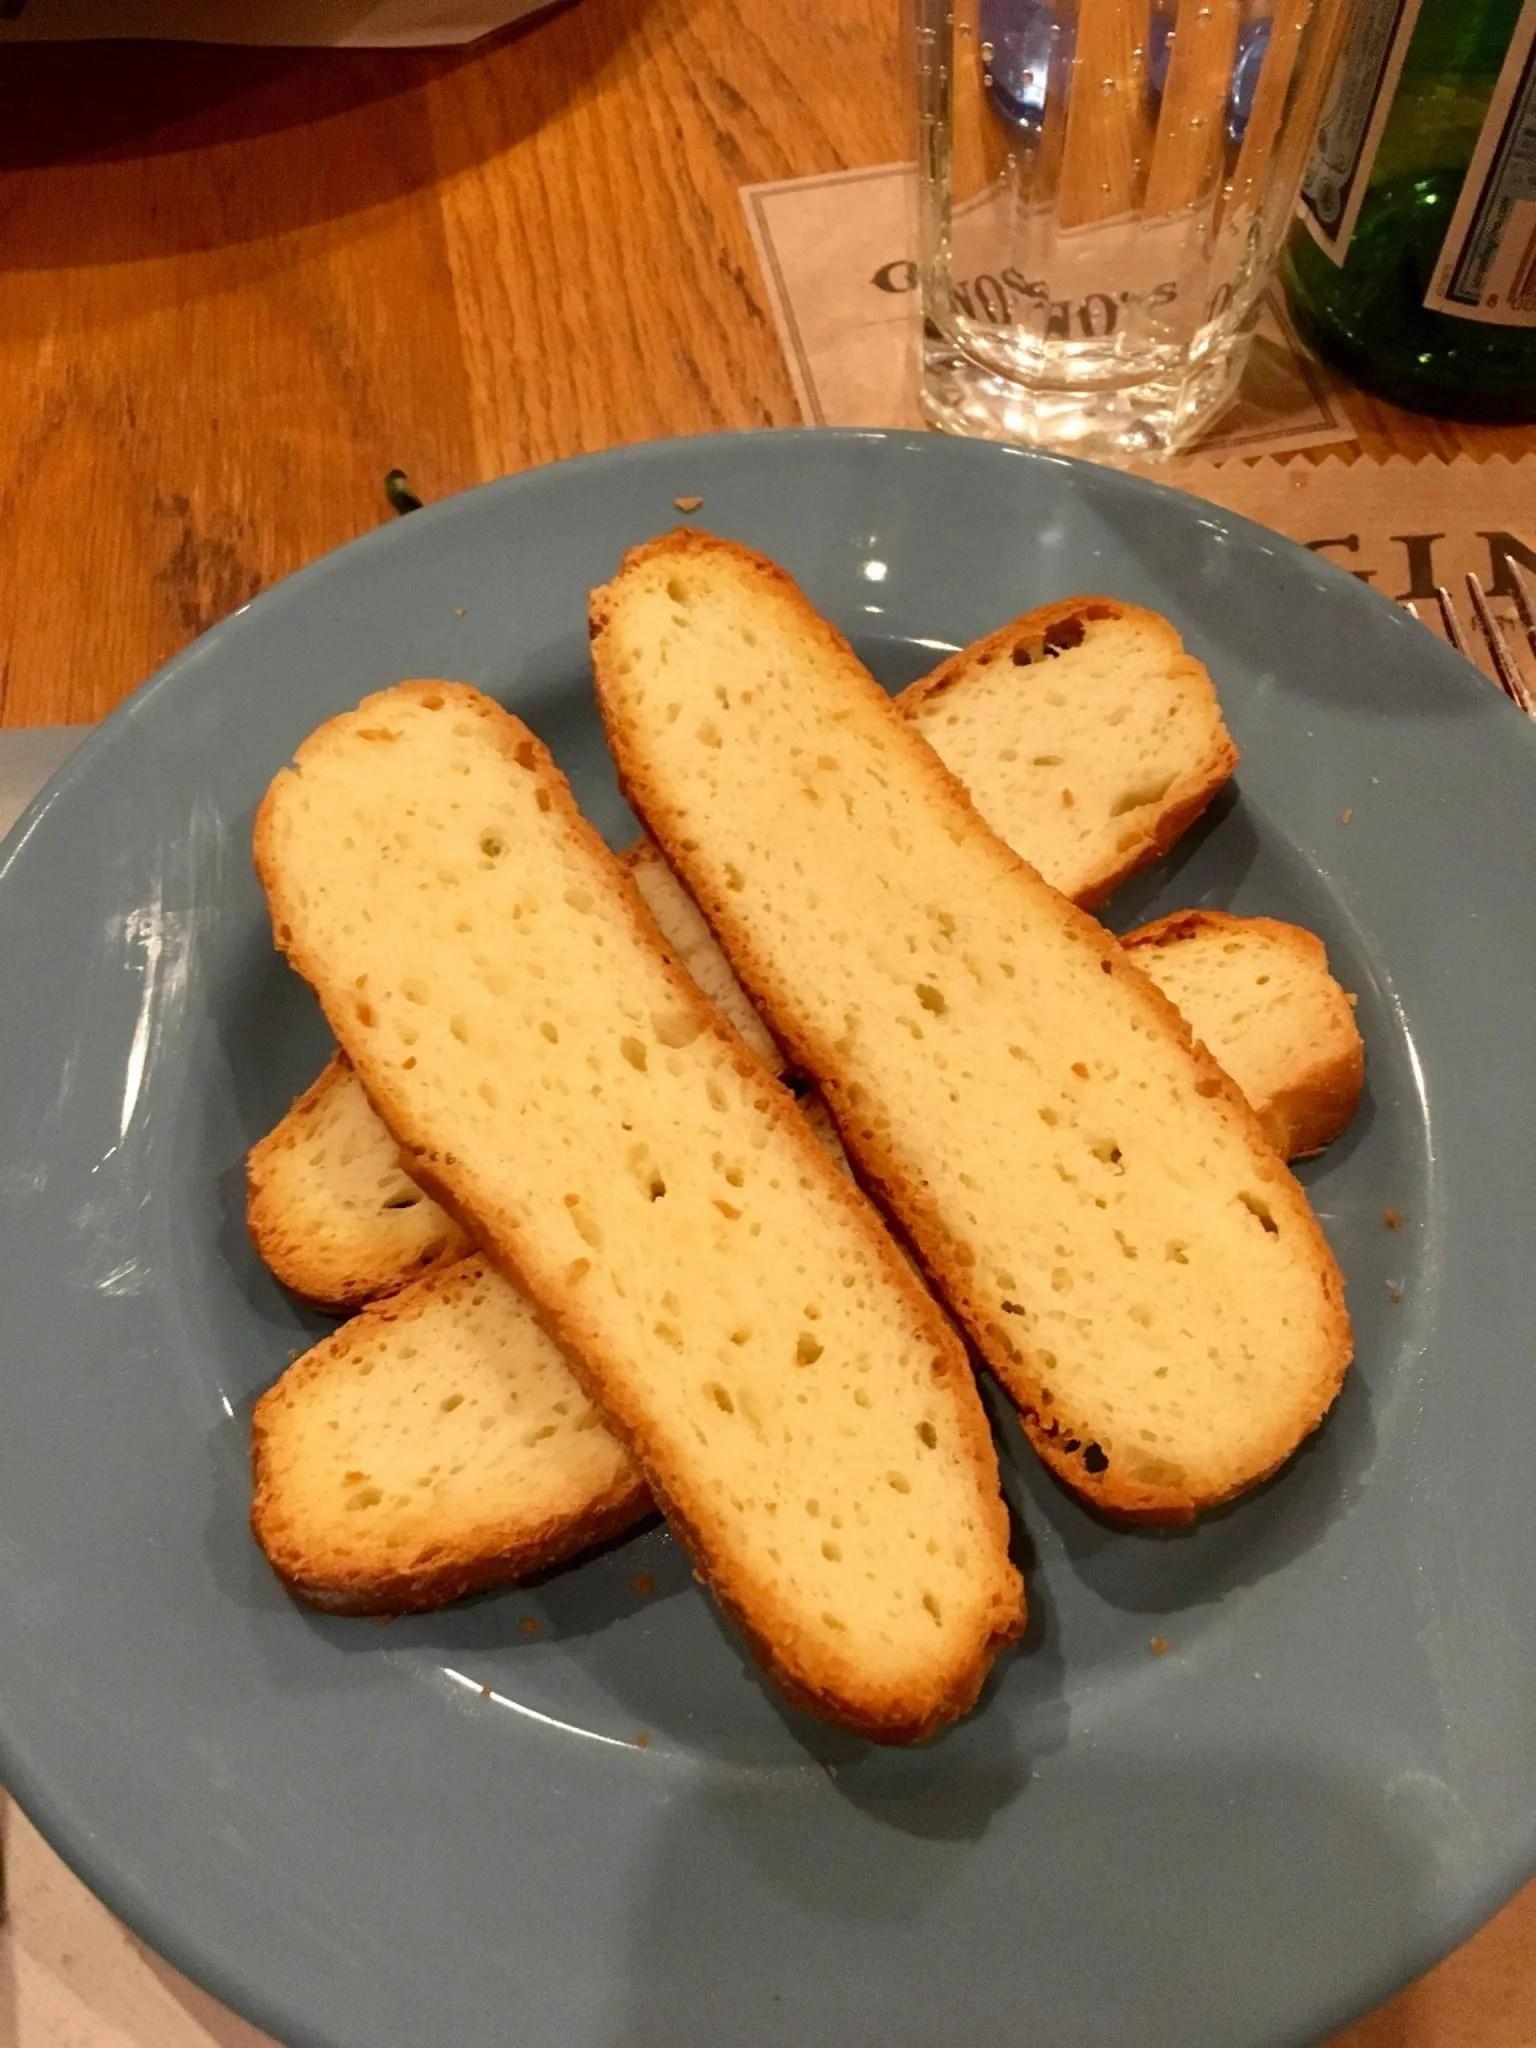 Gluten free Spain, Gino's